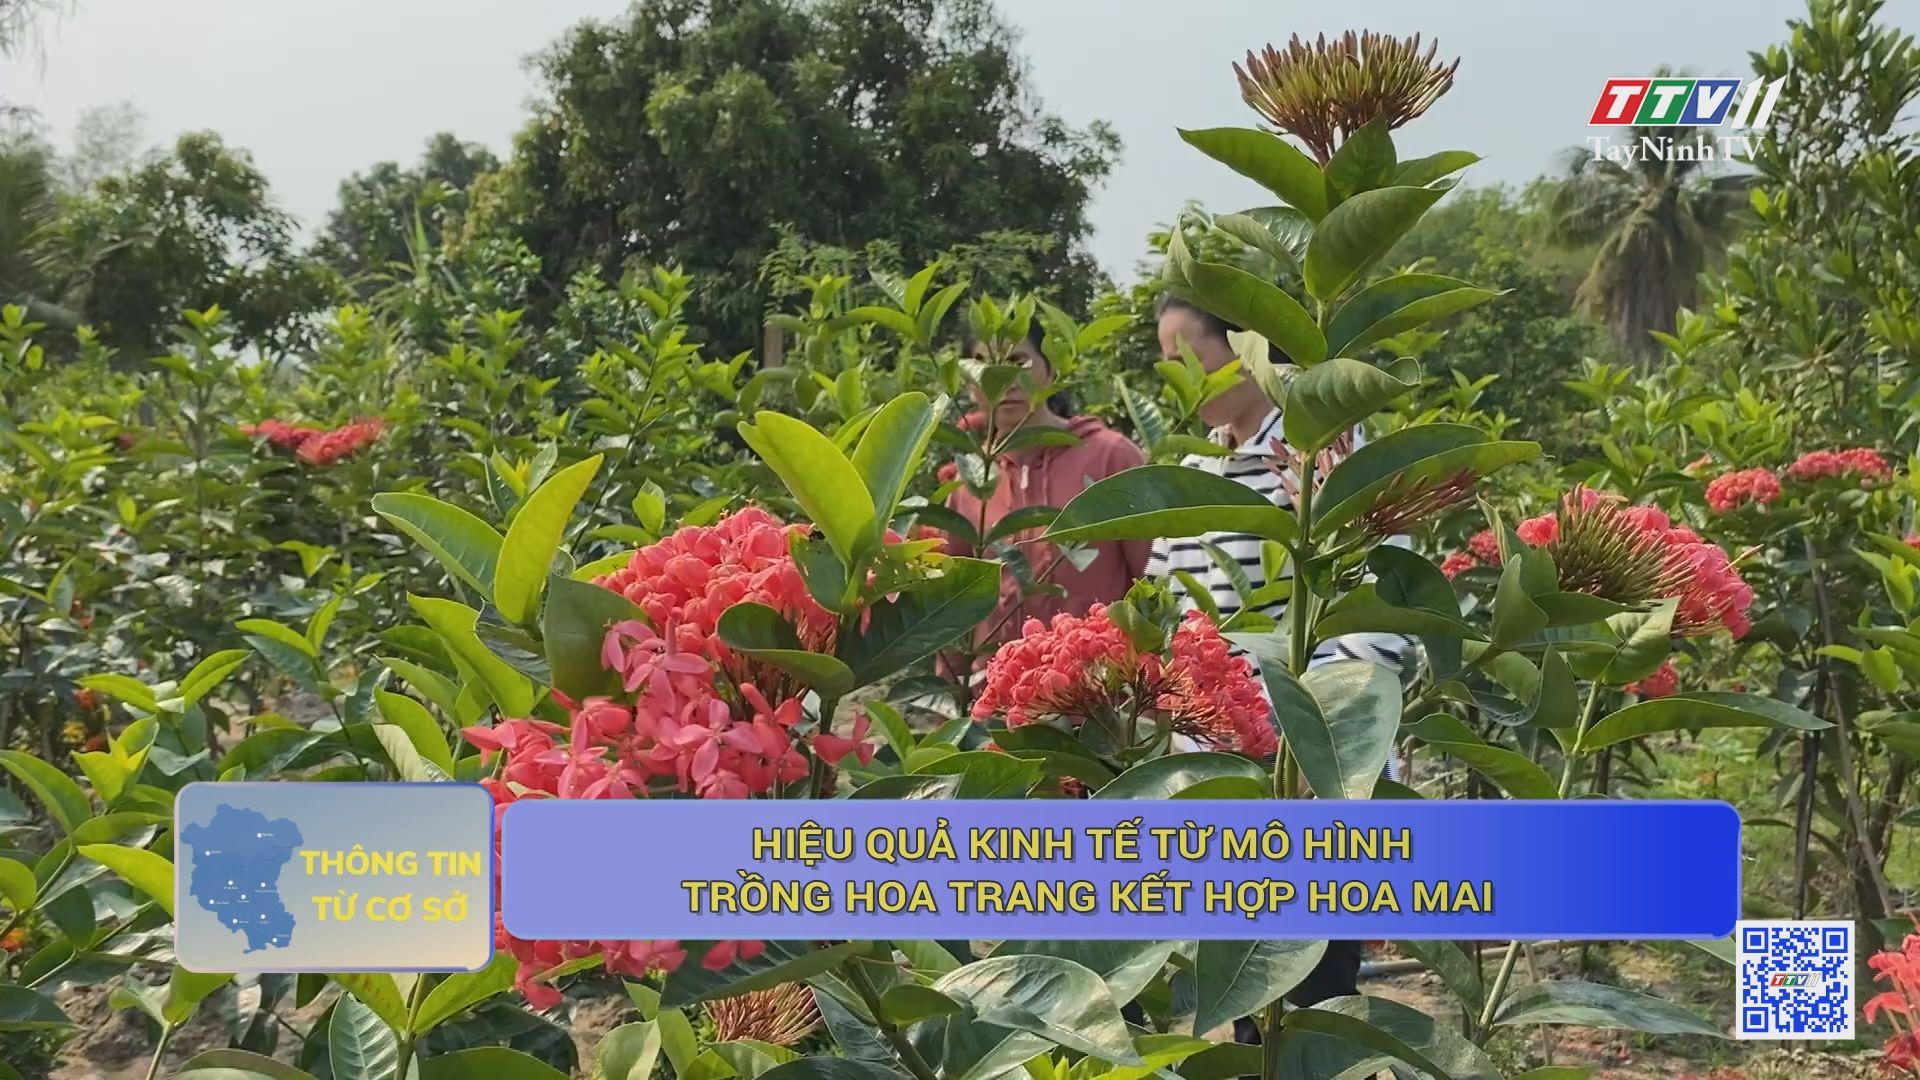 Hiệu quả kinh tế từ mô hình trồng hoa trang kết hợp hoa mai | THÔNG TIN TỪ CƠ SỞ | TayNinhTV